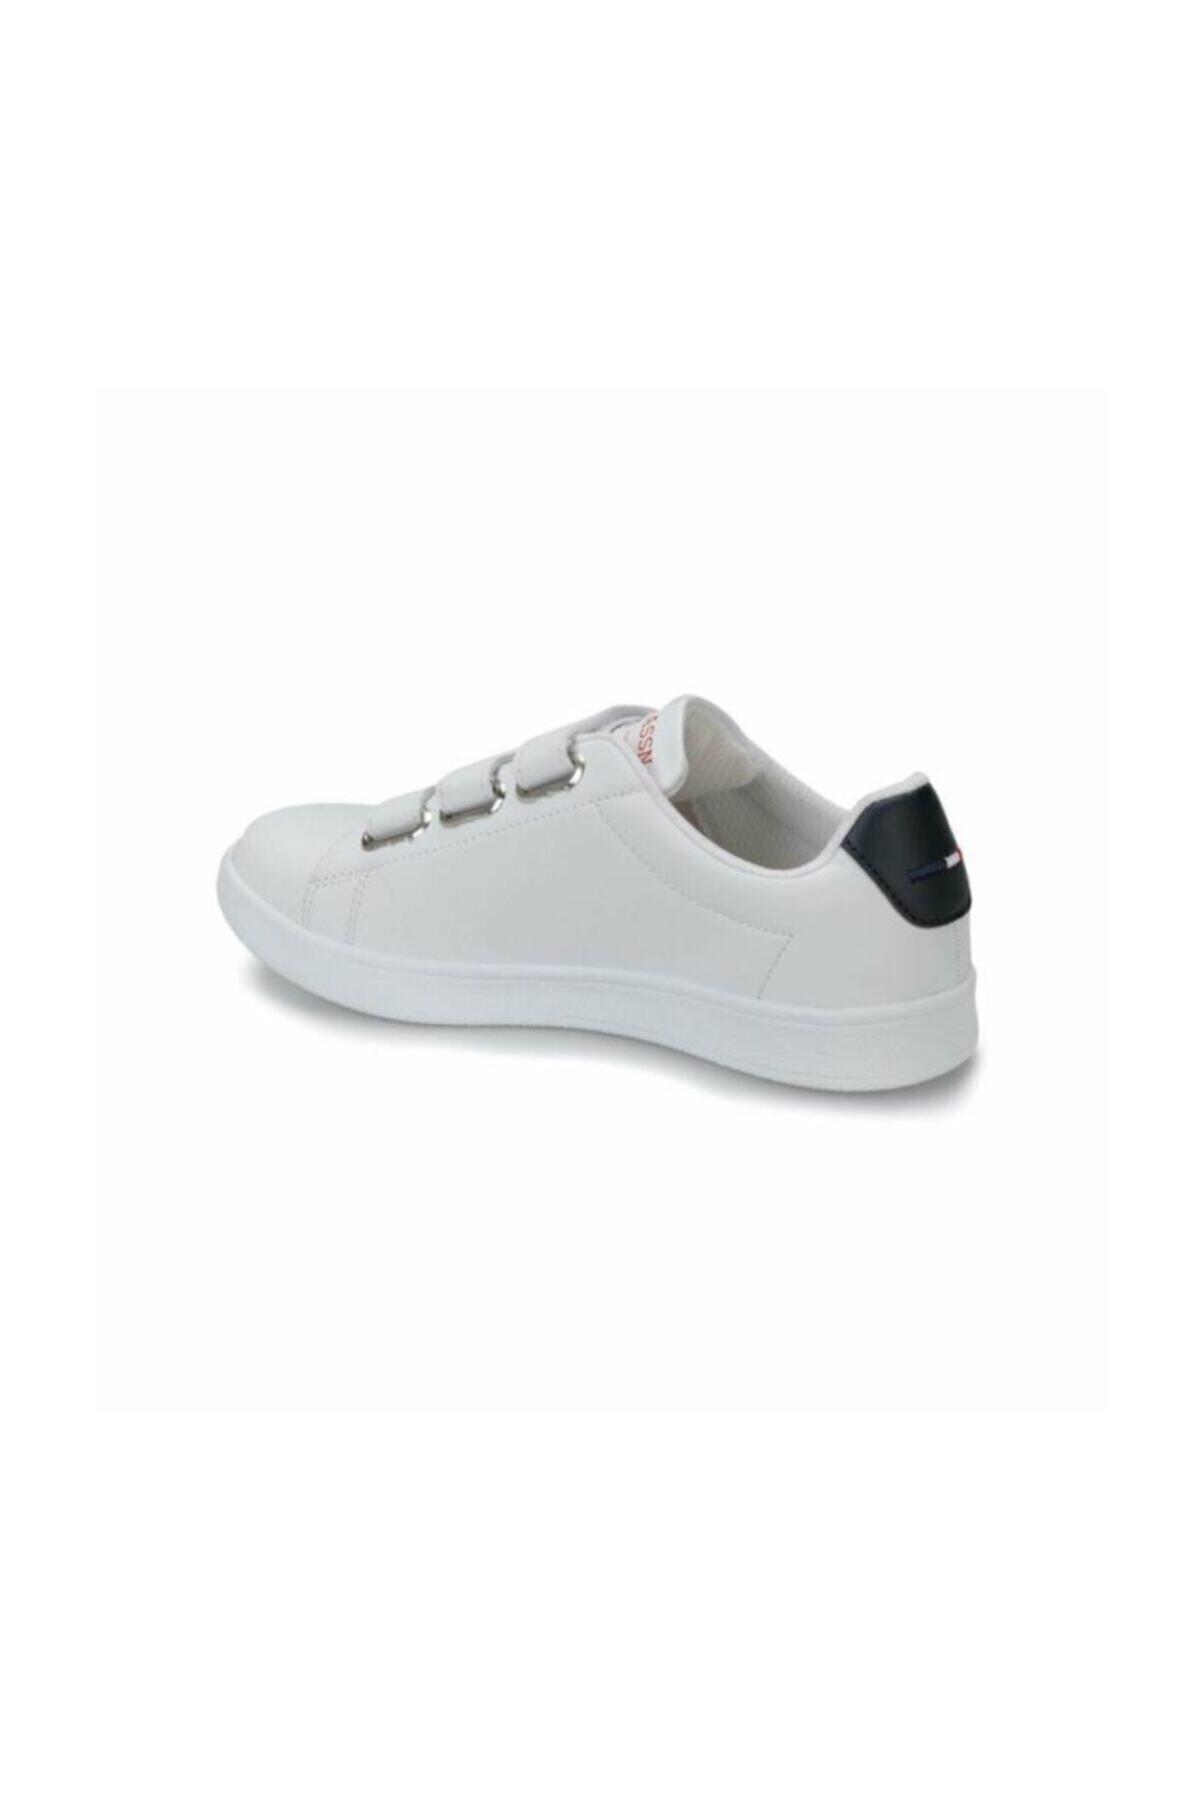 U.S. Polo Assn. SINGER Beyaz Kadın Sneaker Ayakkabı 100279016 2